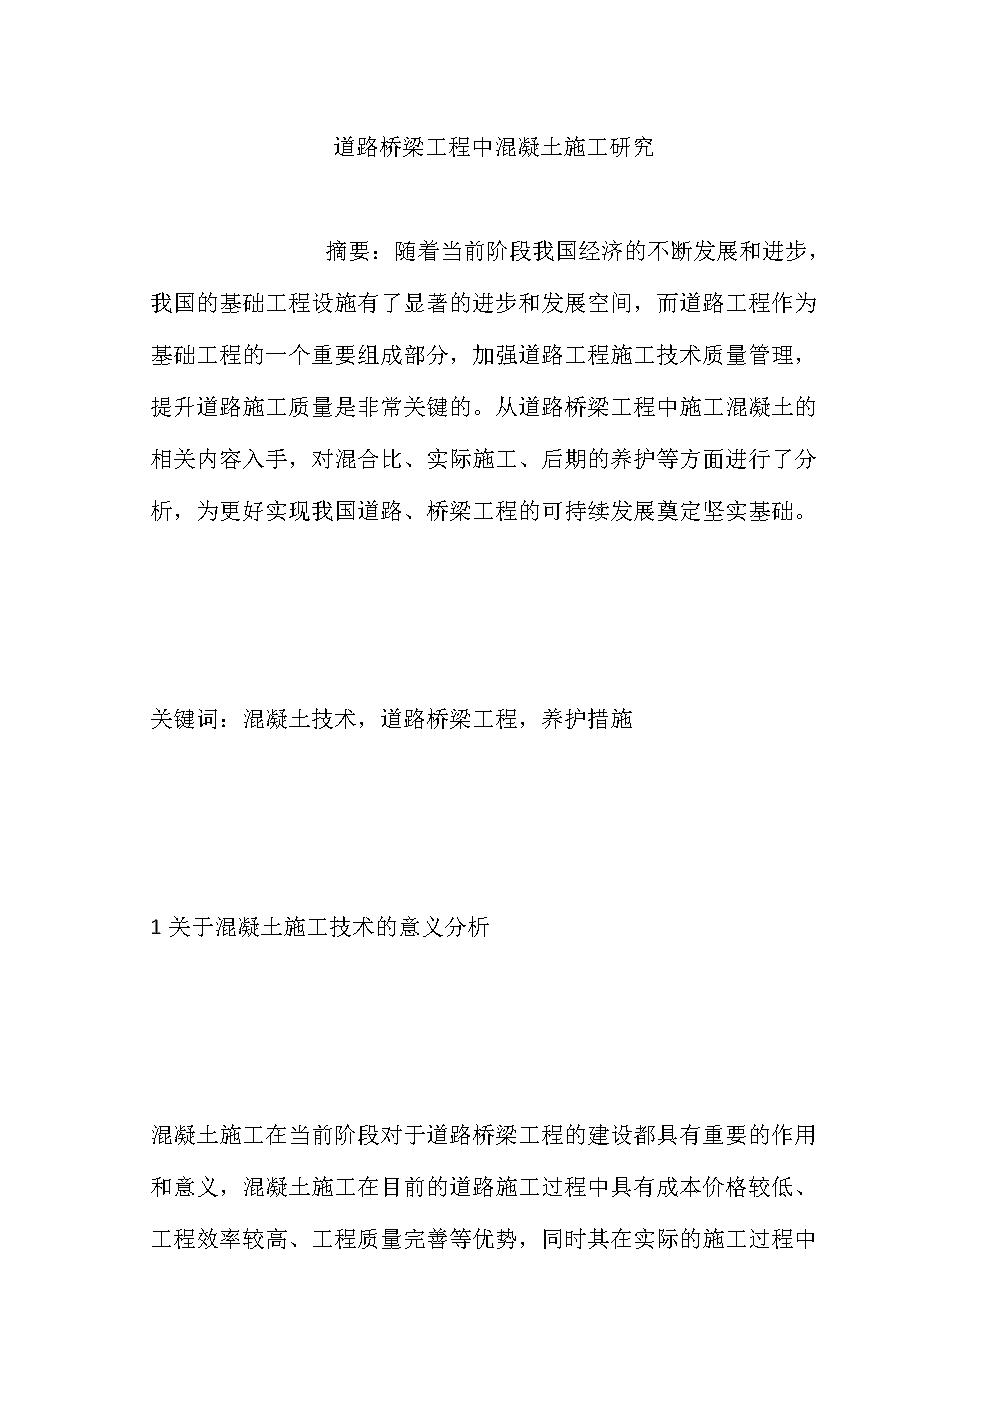 道路桥梁工程中混凝土施工研究-桥梁工程论文-工程论文.docx